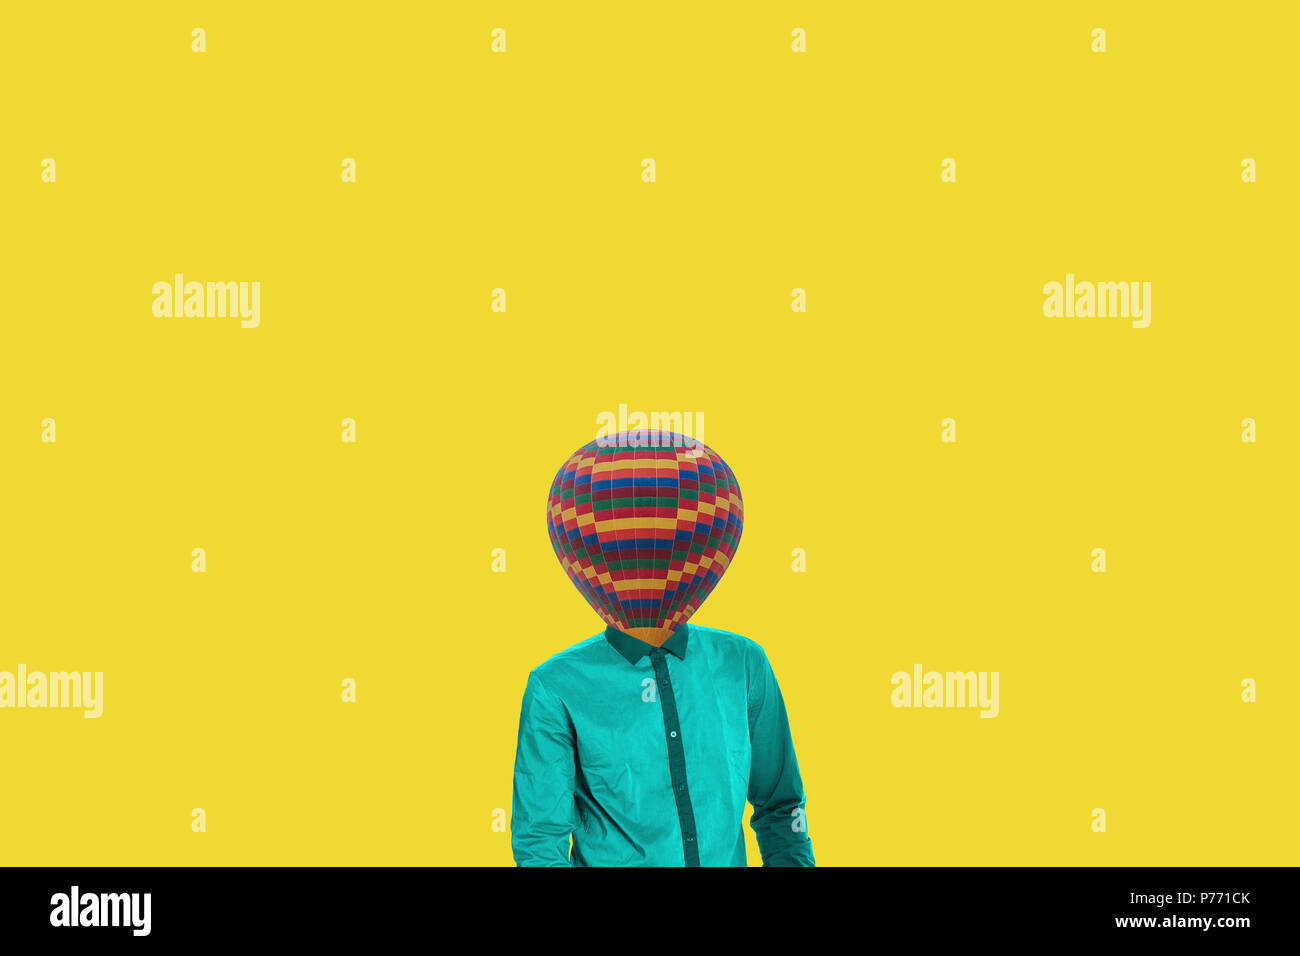 Concepto minimal surrealista. Un globo en lugar de una cabeza humana. El minimalismo y surrealismo Imagen De Stock